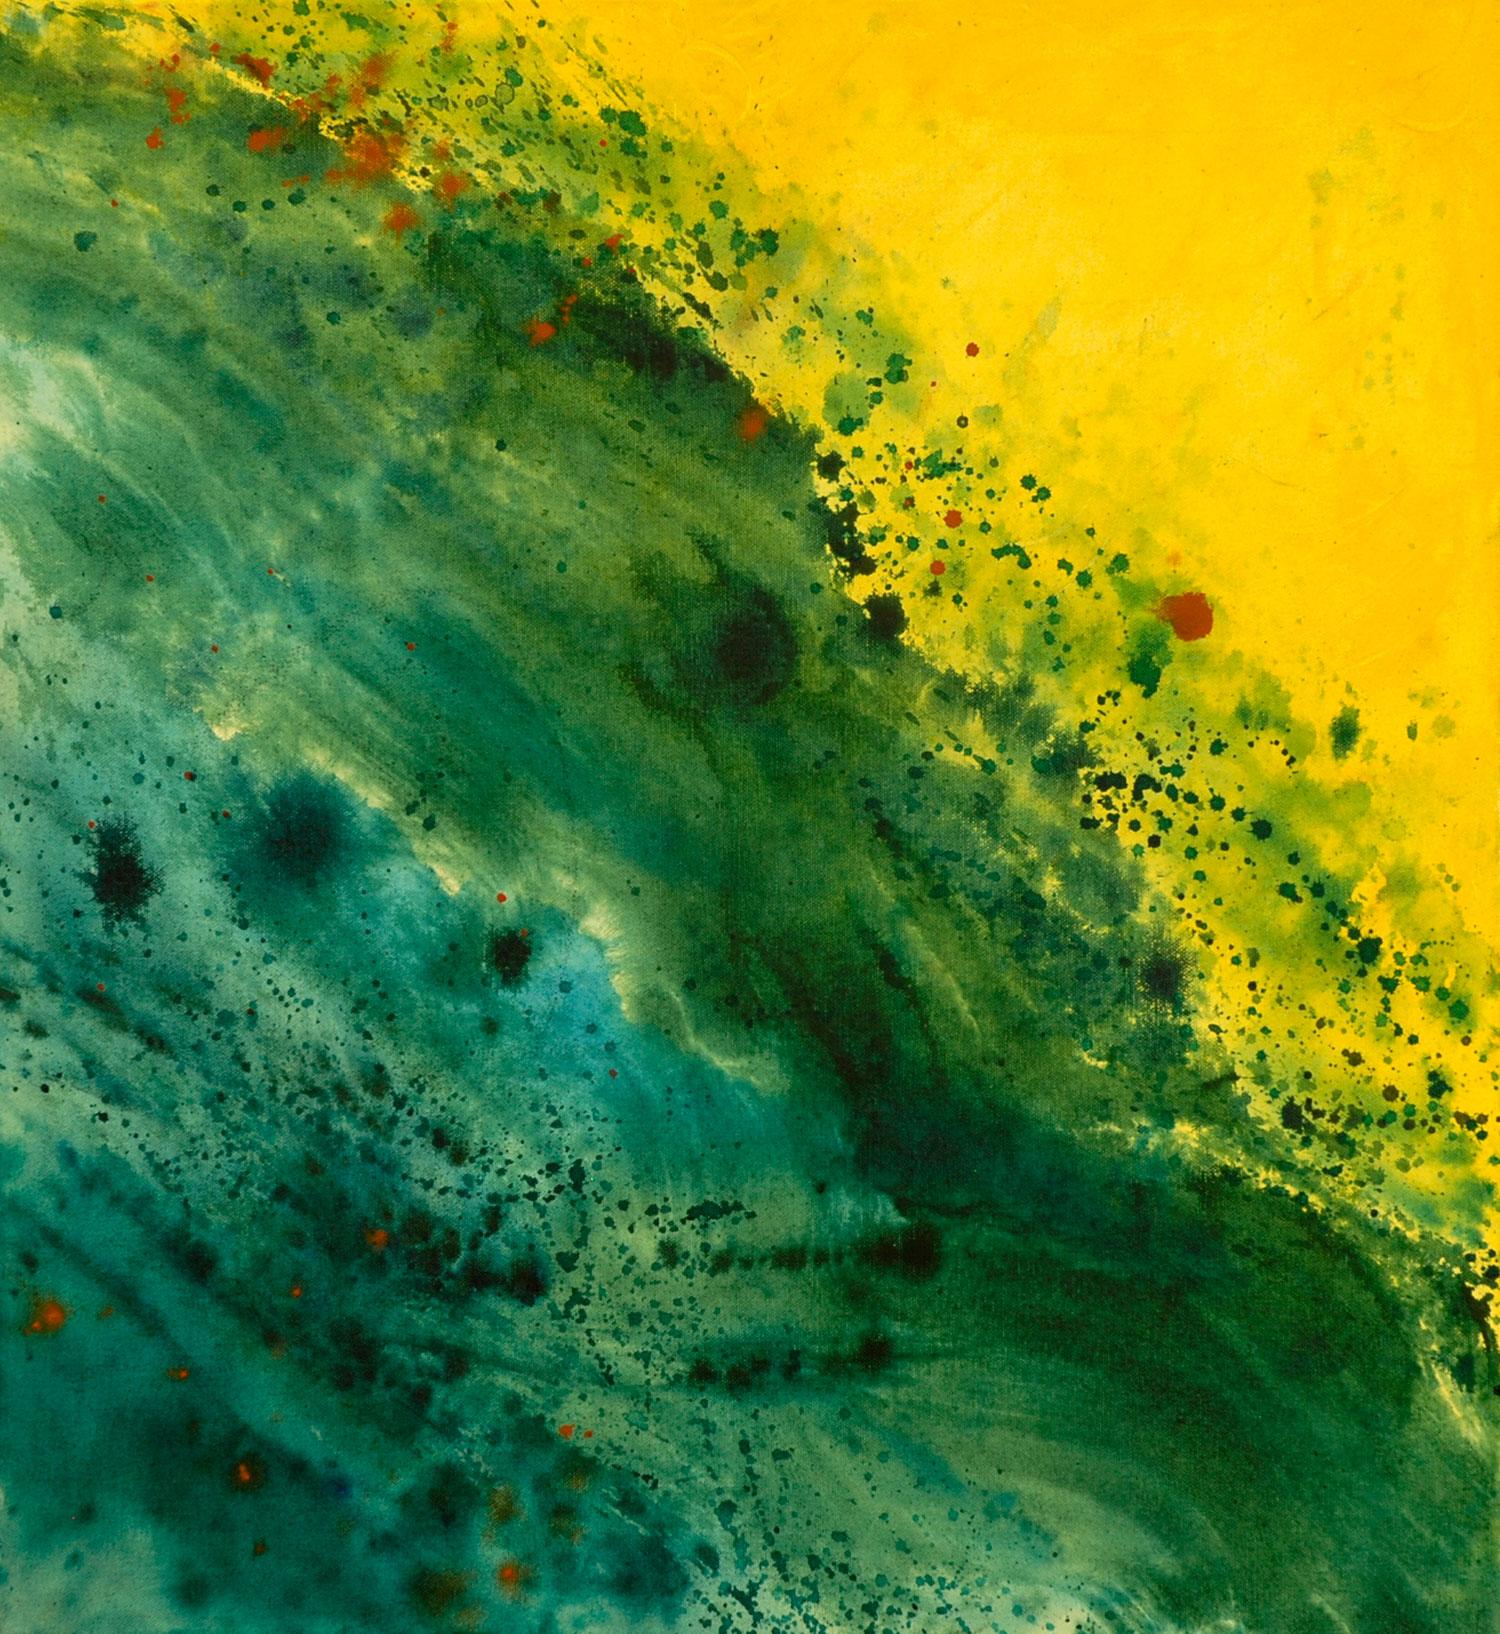 Cascade II acrylique sur toile 61 x 56 cm